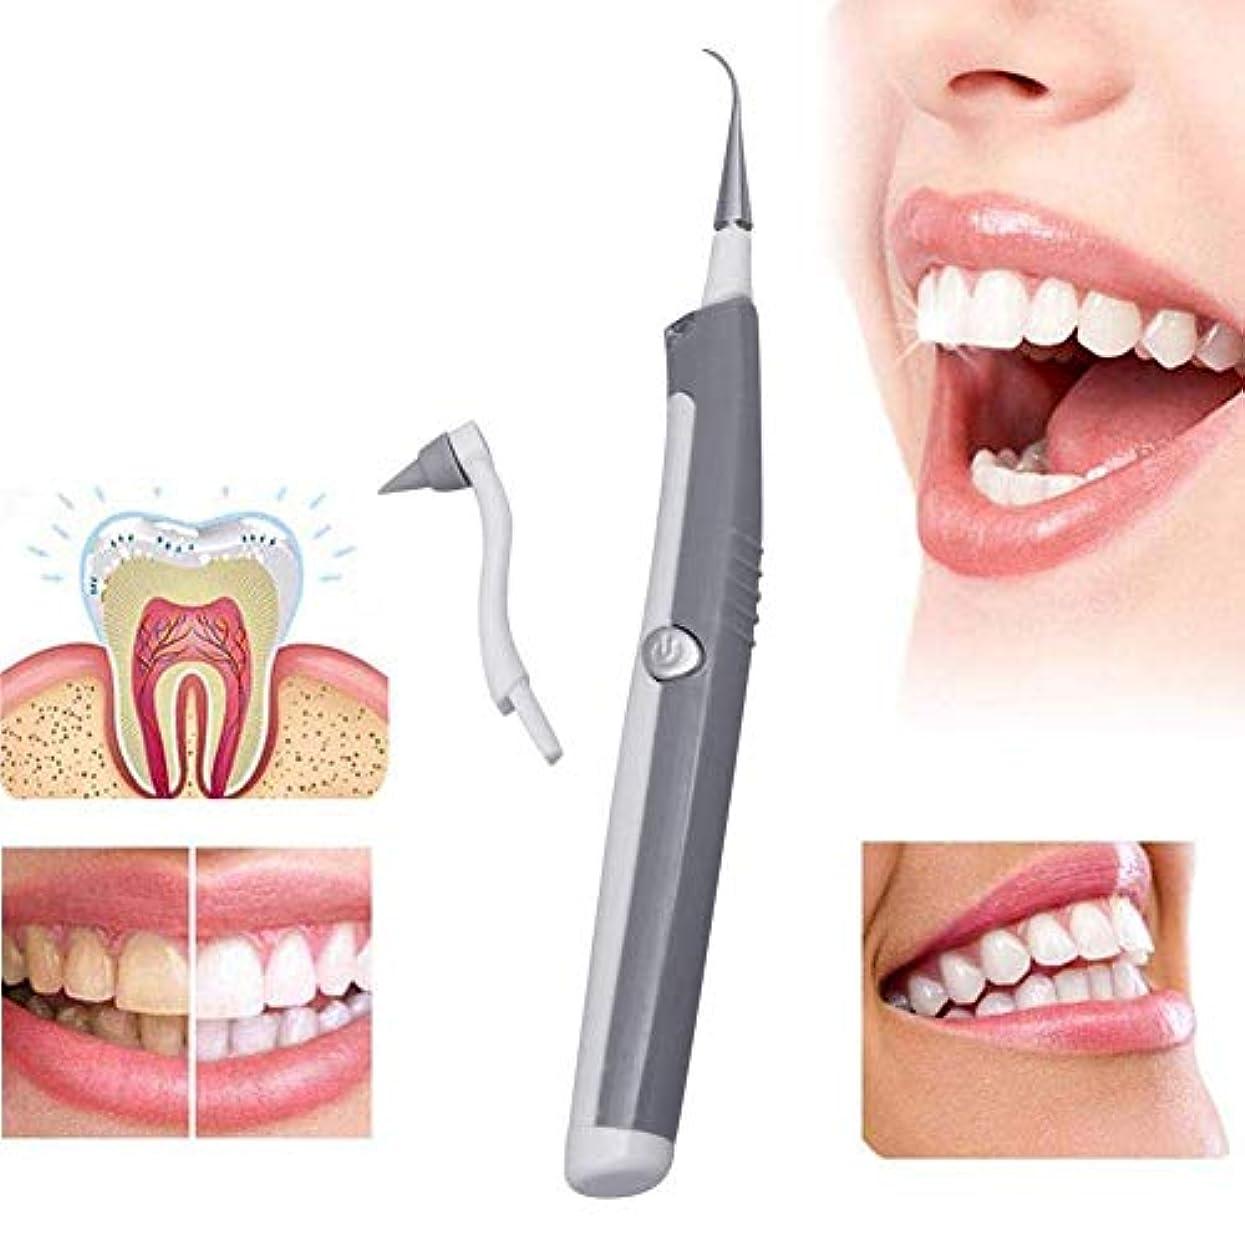 追い出す思い出す愛振動歯ホワイトニングツール電動歯石マッサージ歯ホワイトニング歯科クリーニングスケーラ歯ツール